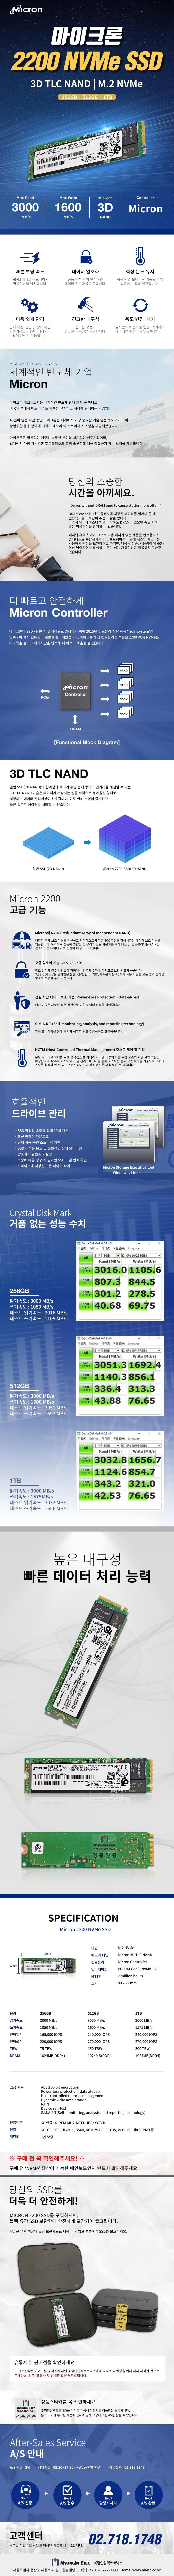 마이크론 2200 M.2 NVMe (256GB)